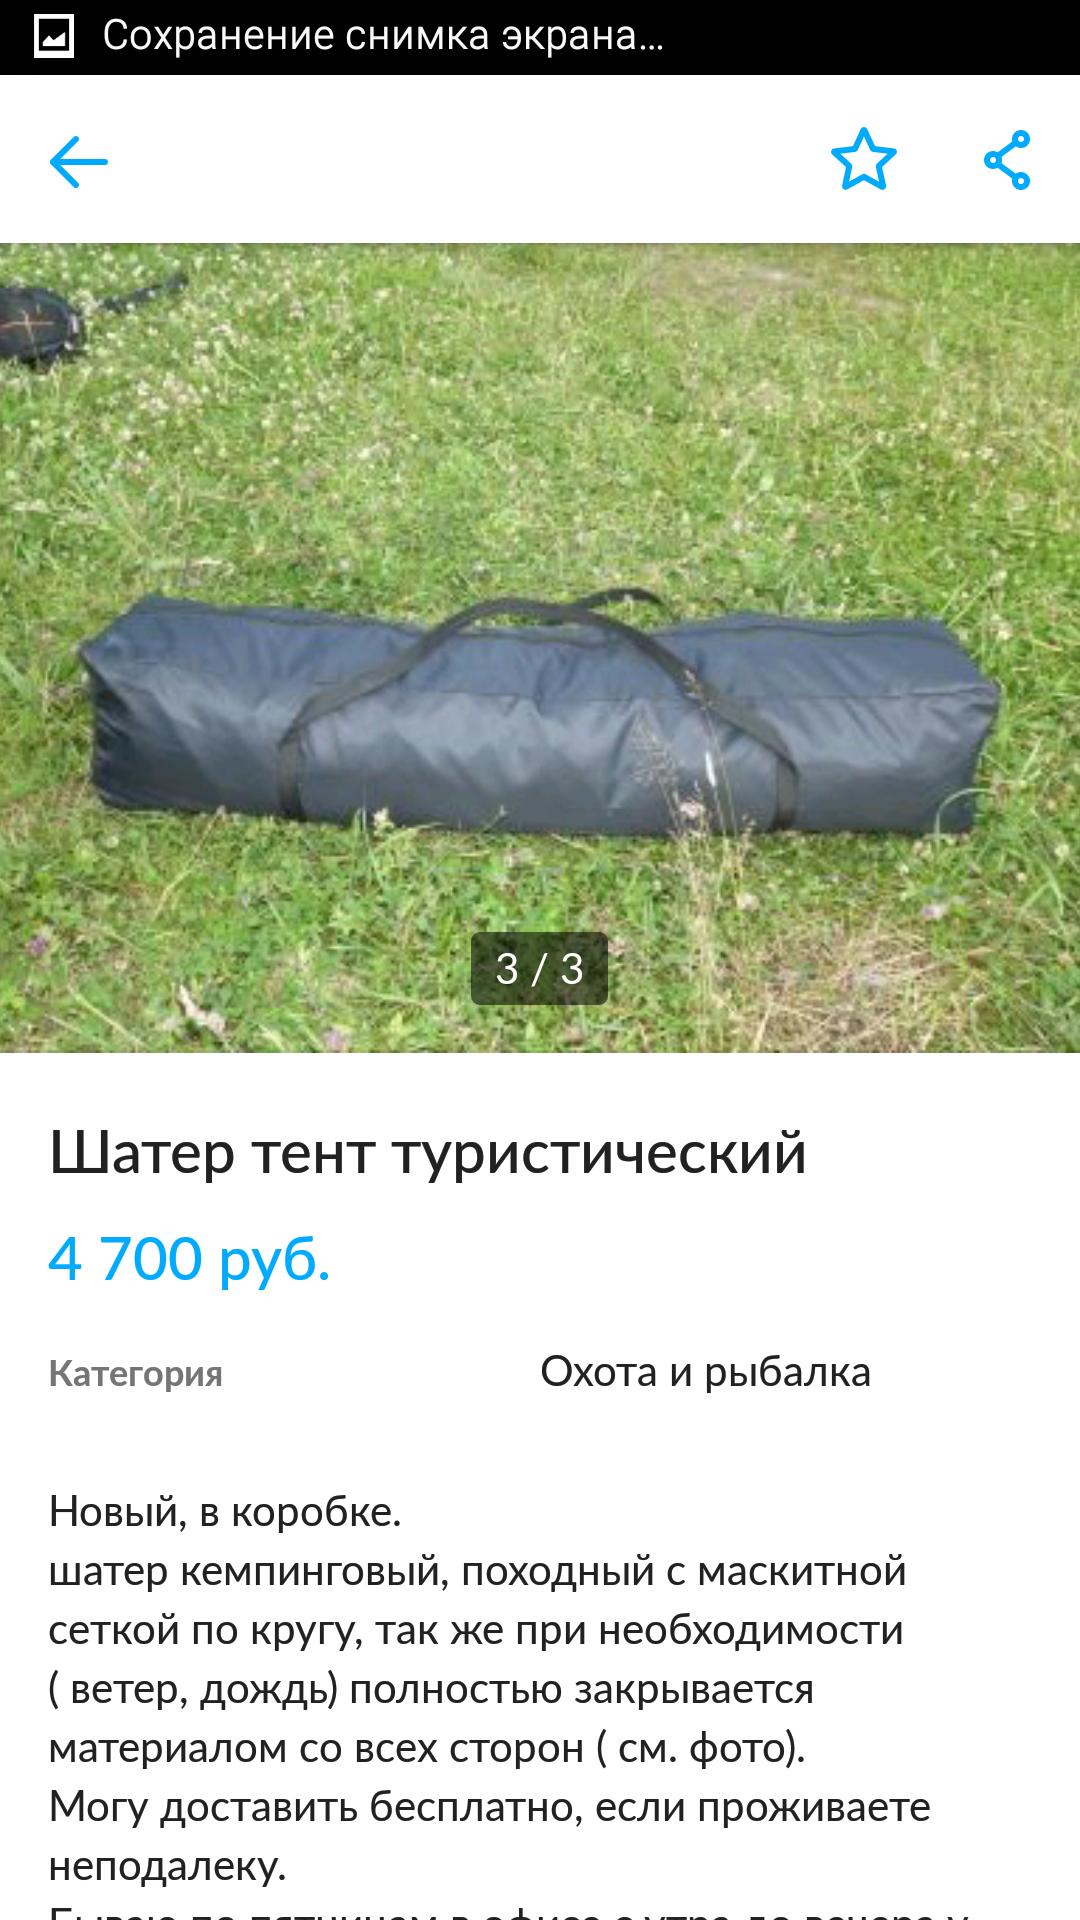 Диван александр в Московск.обл с доставкой